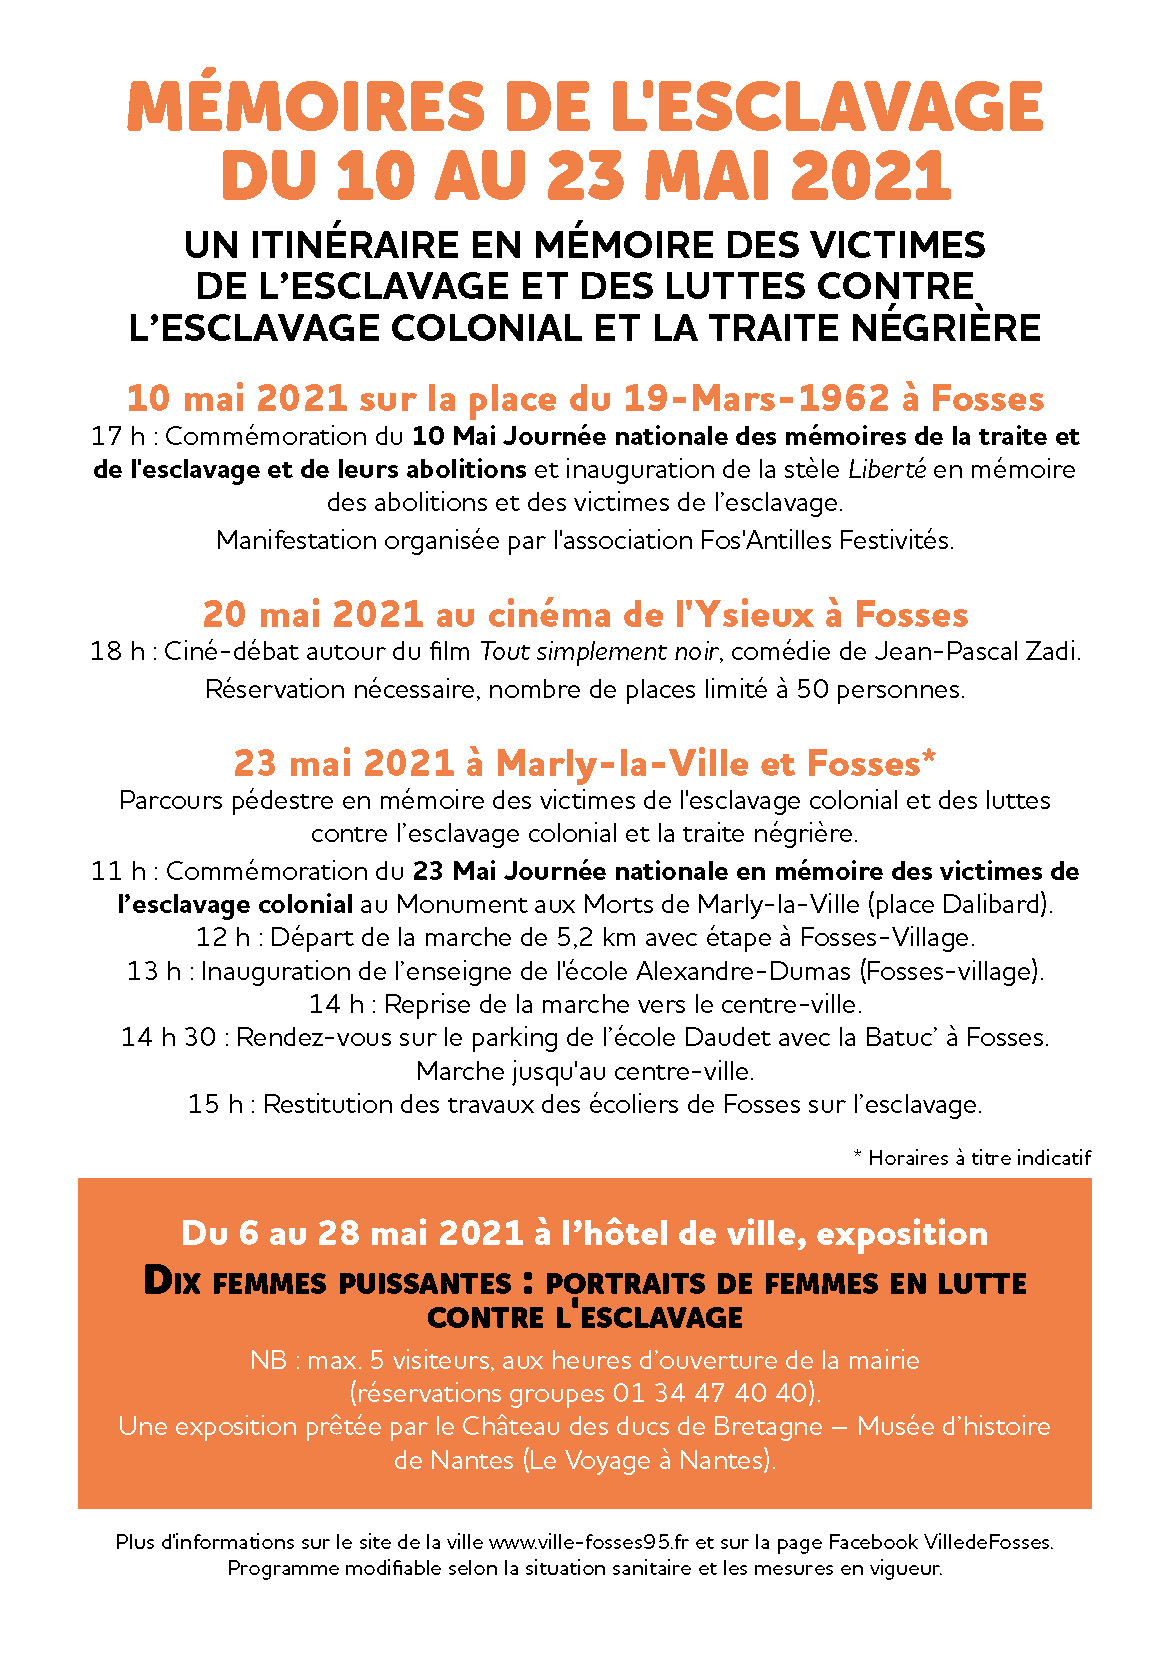 flyer programme du parcours Mémoires de l'esclavage 2021 à Fosses